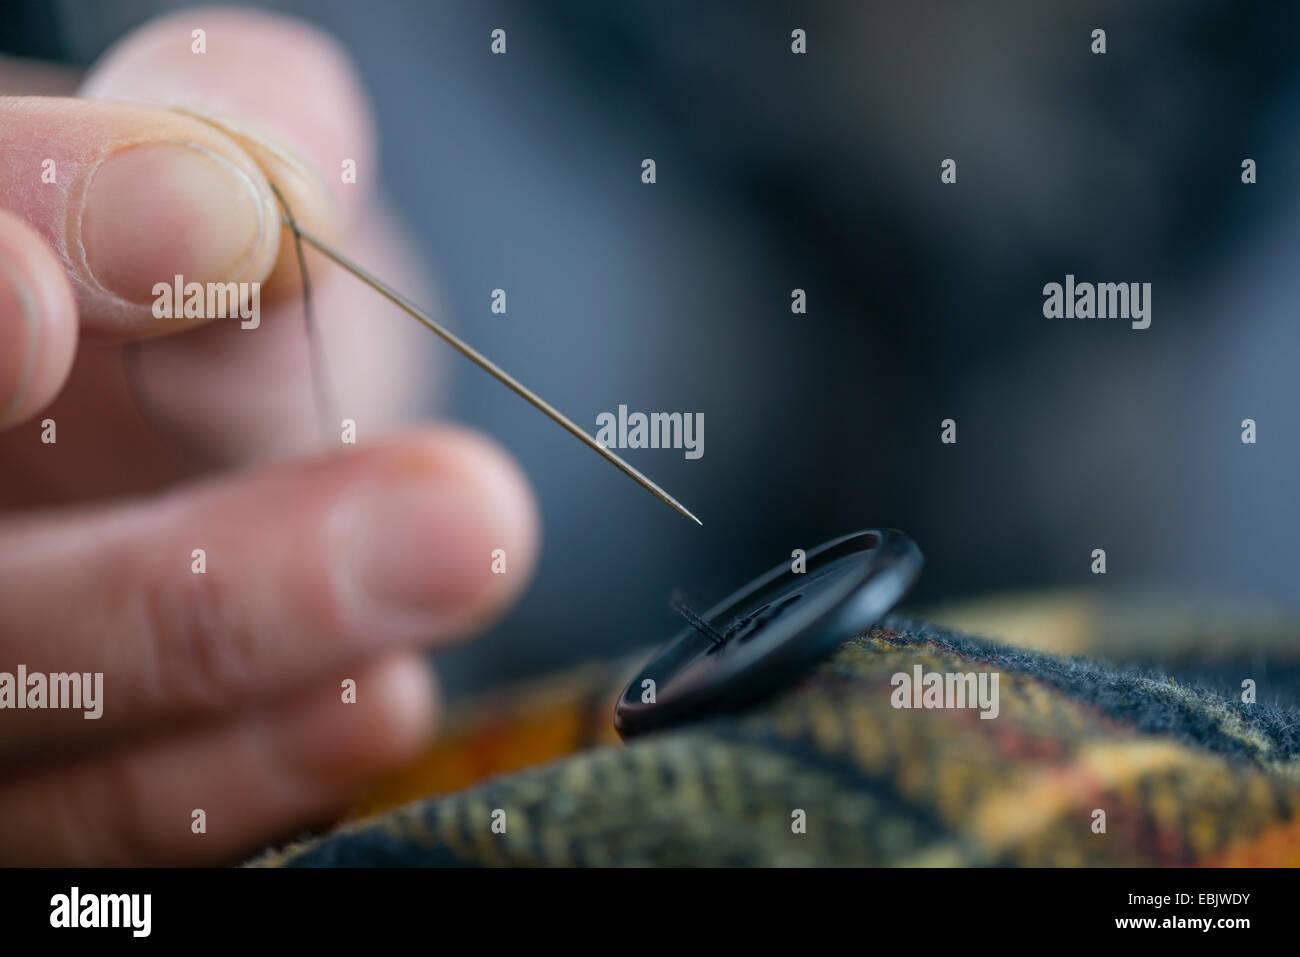 Schließen Sie Schneiderin Finger Nähen Taste auf Tartan in Werkstatt Stockbild